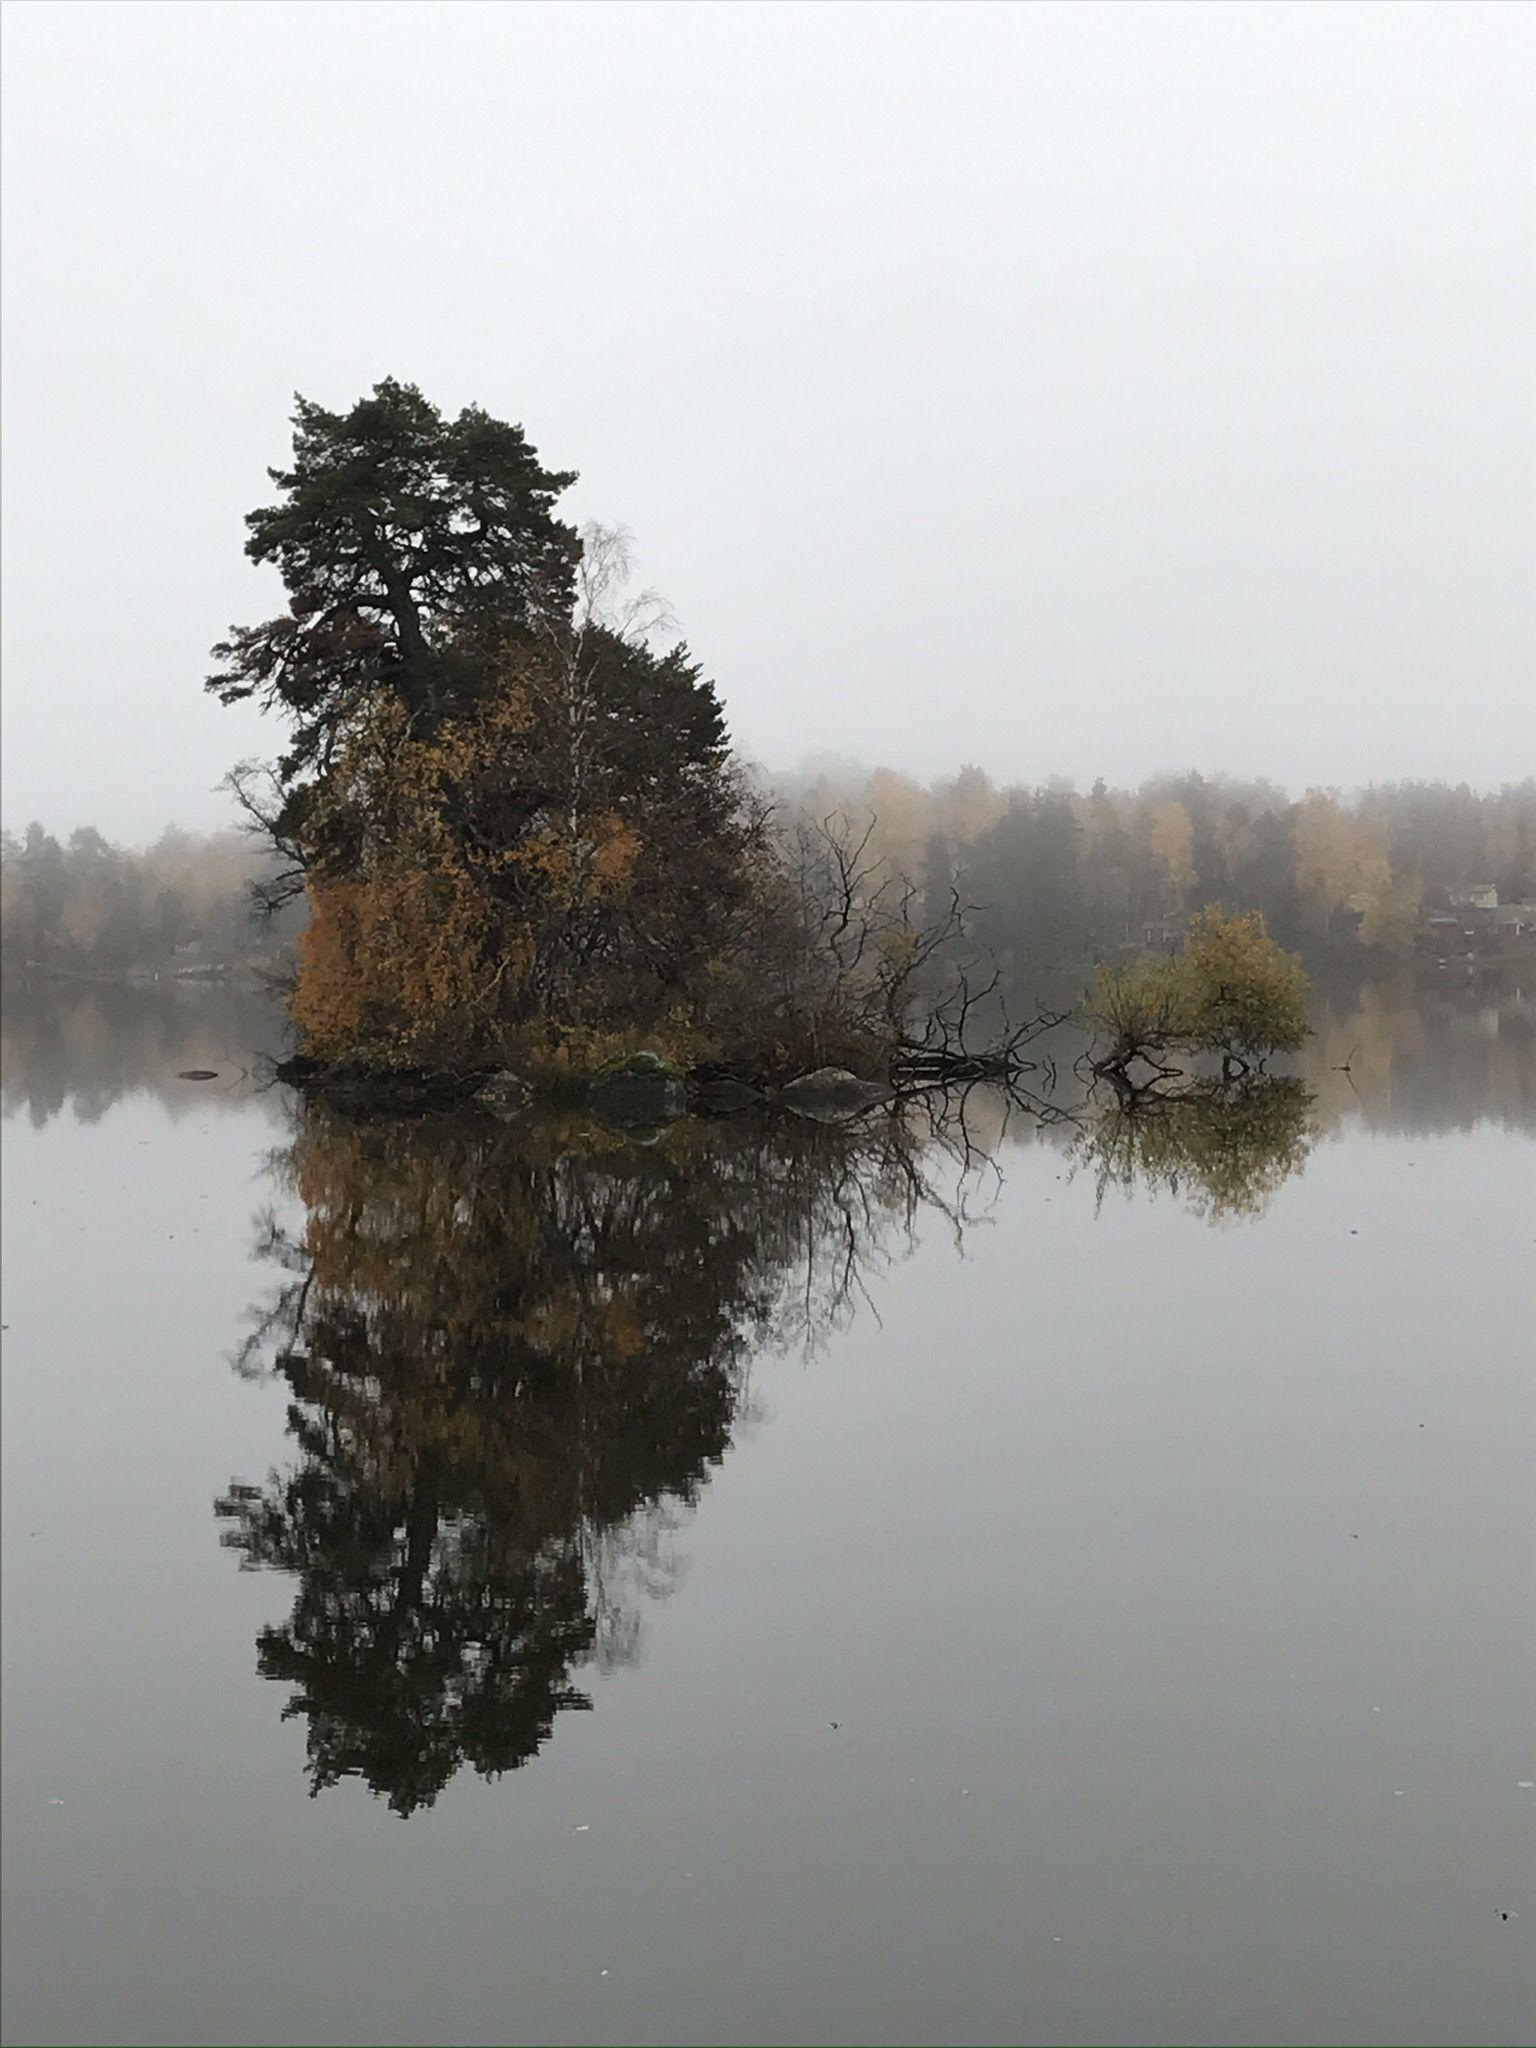 IMG_1465.JPEG